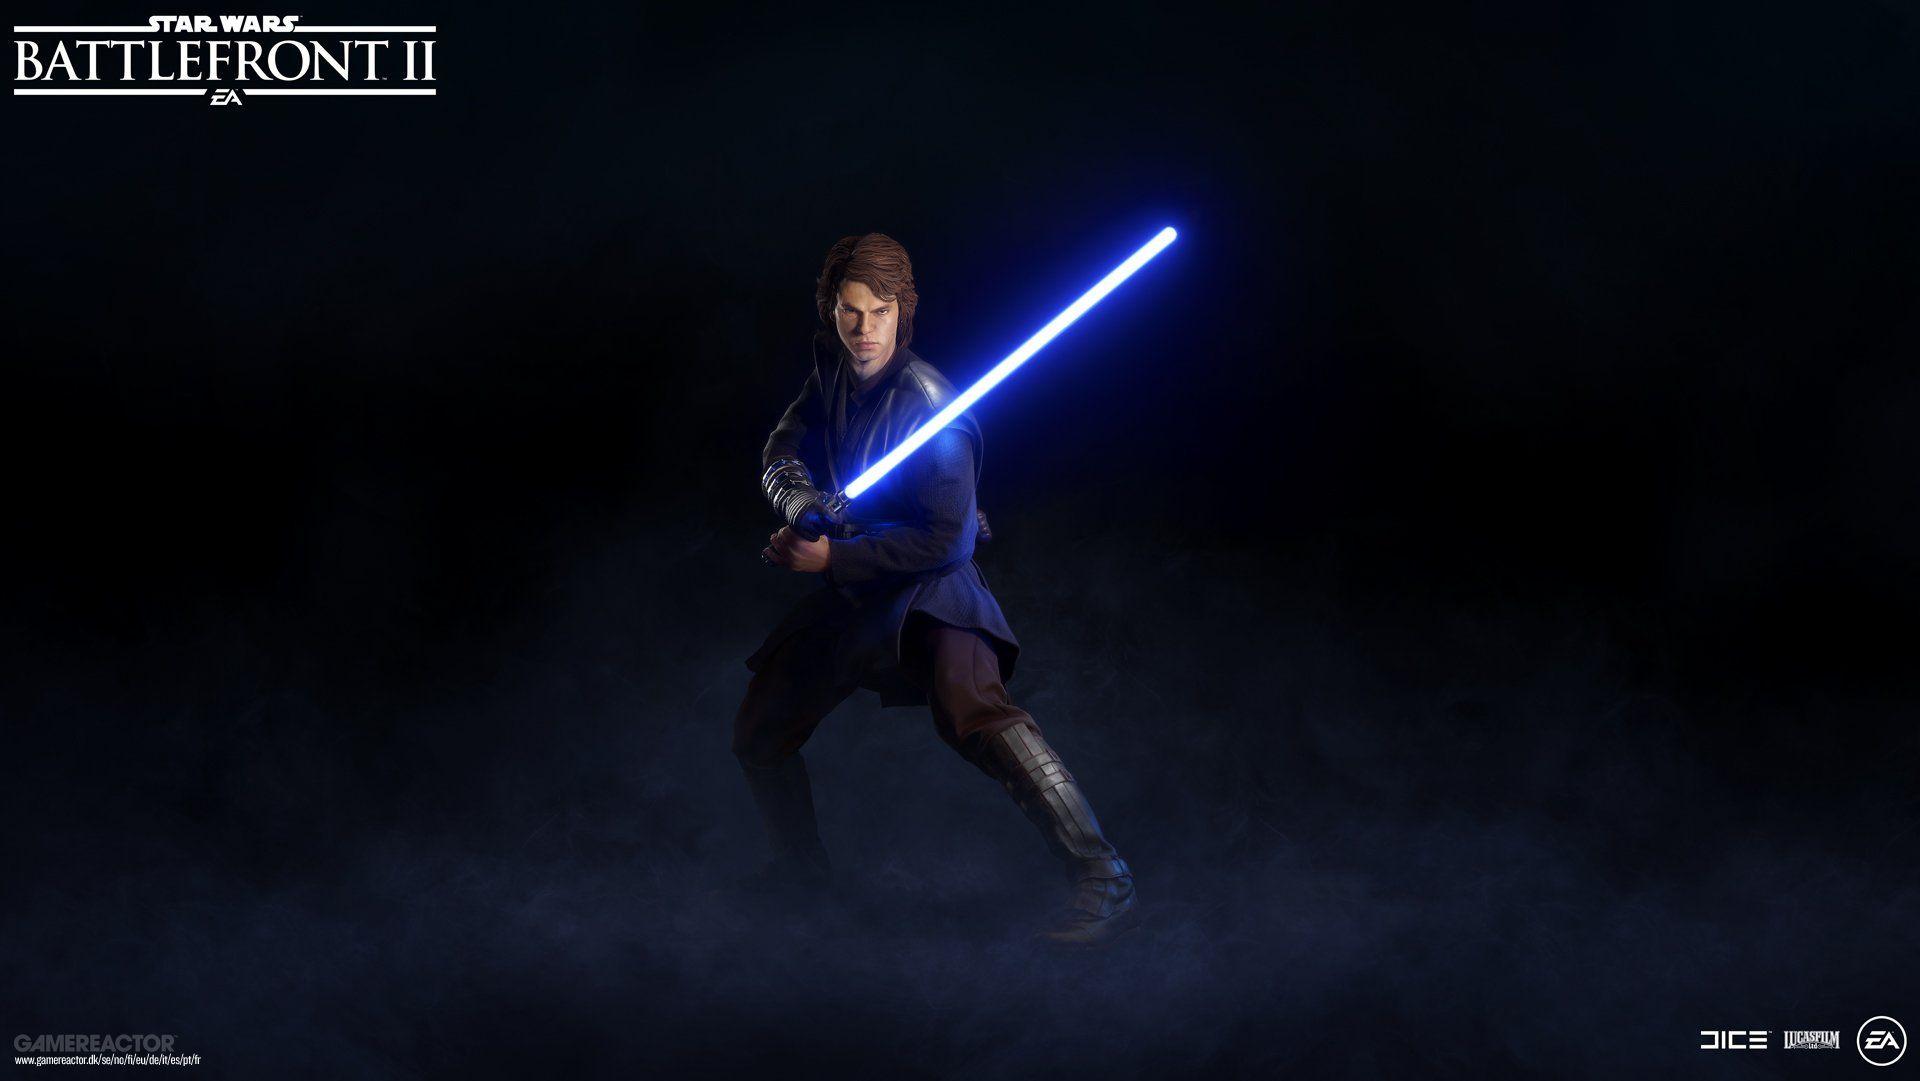 Gambar Dari Dice Tunjukkan Penampilan Anakin Di Star Wars Battlefront Ii